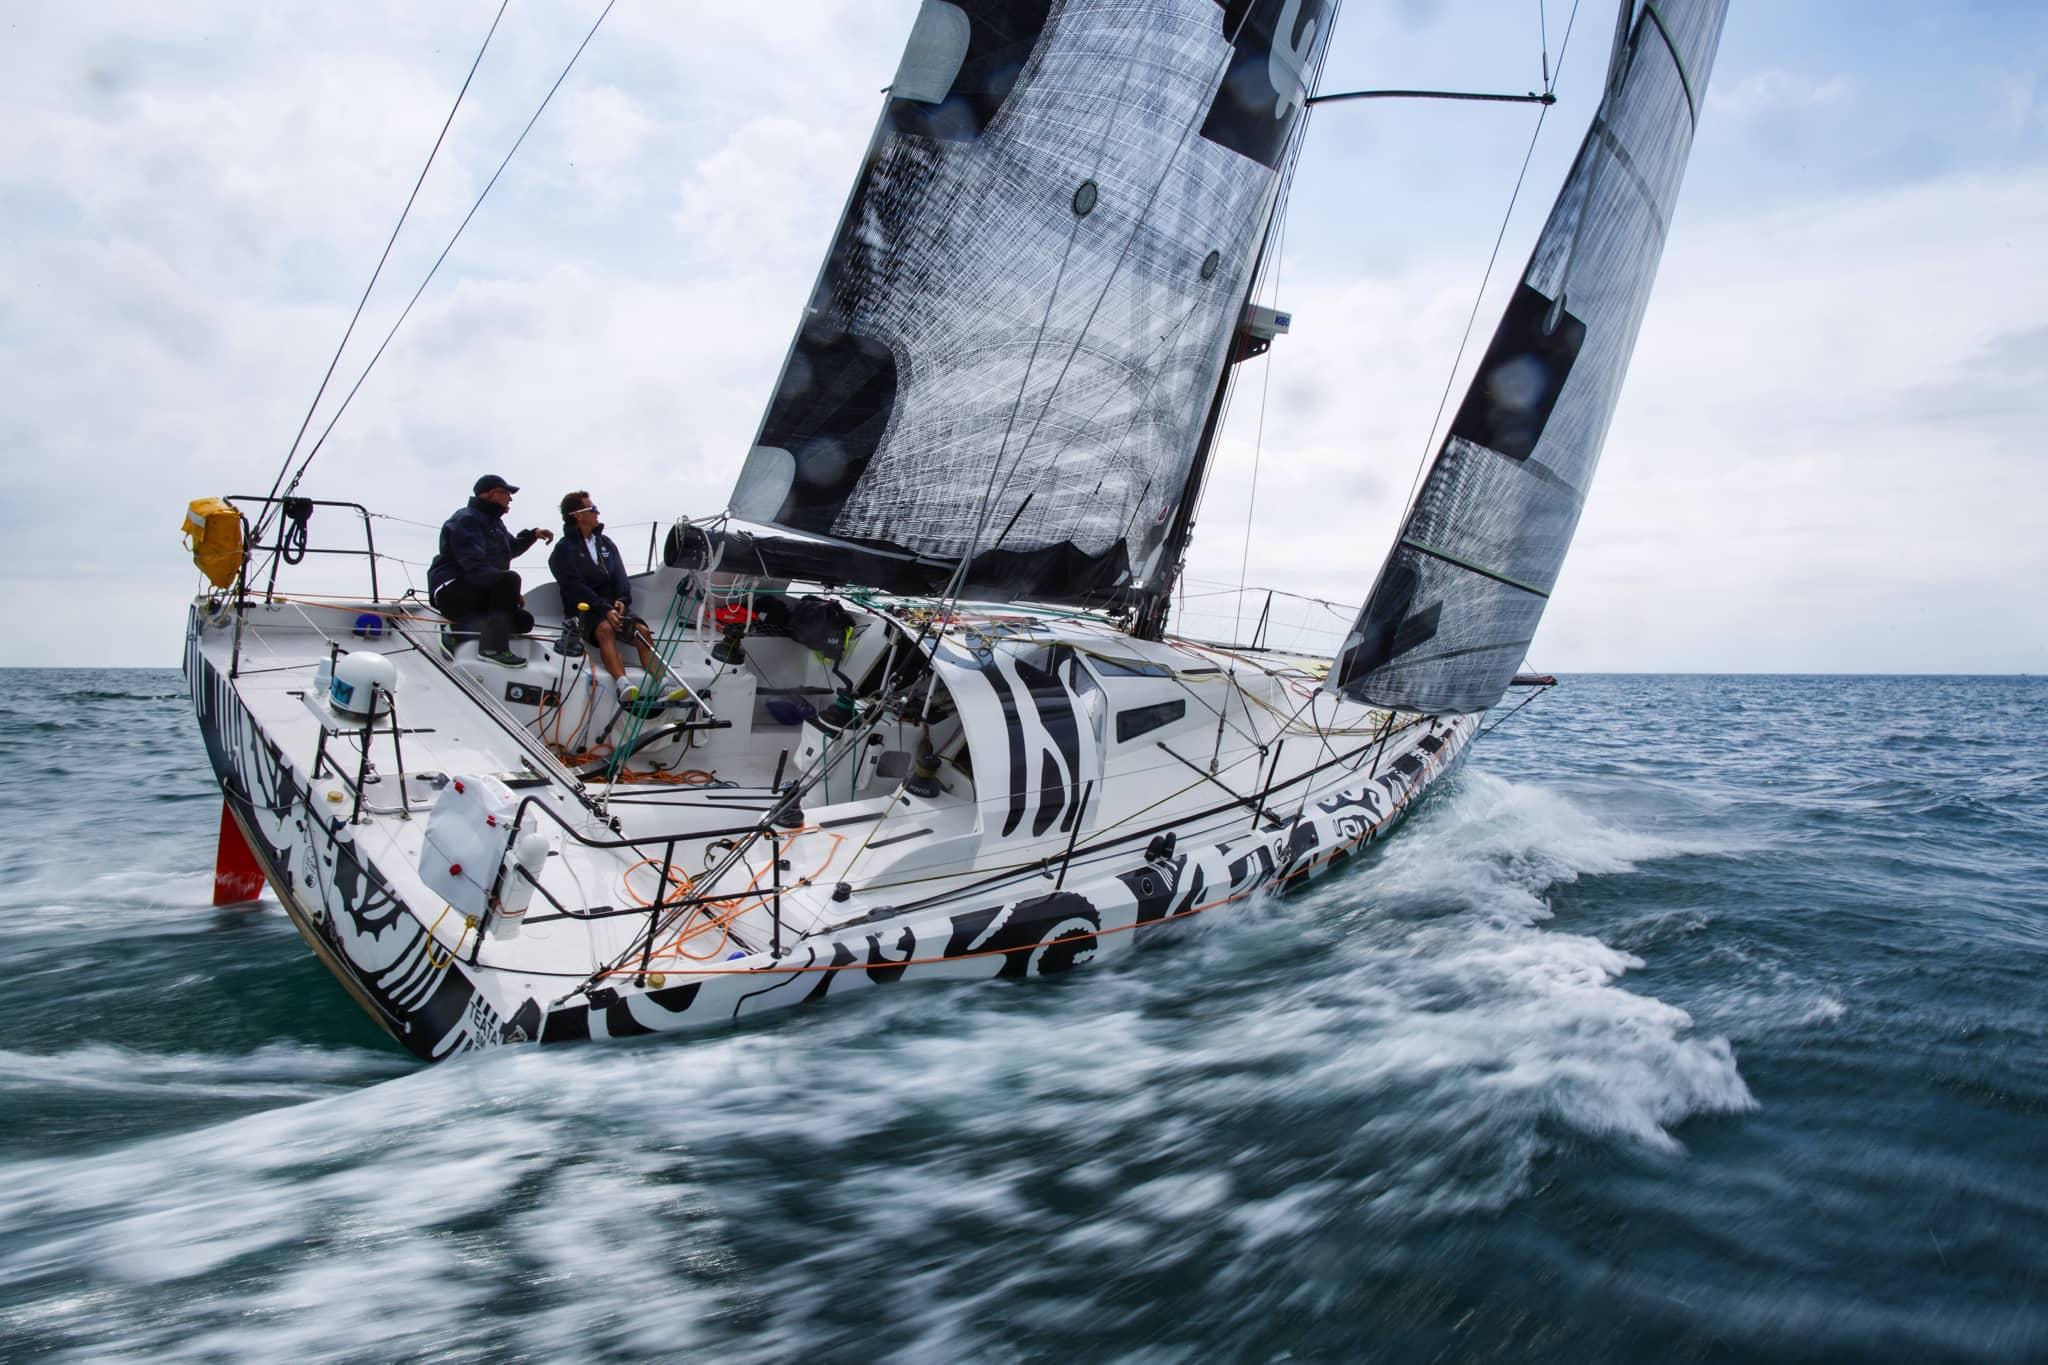 bateau fullsave en mouvement avec effet vague